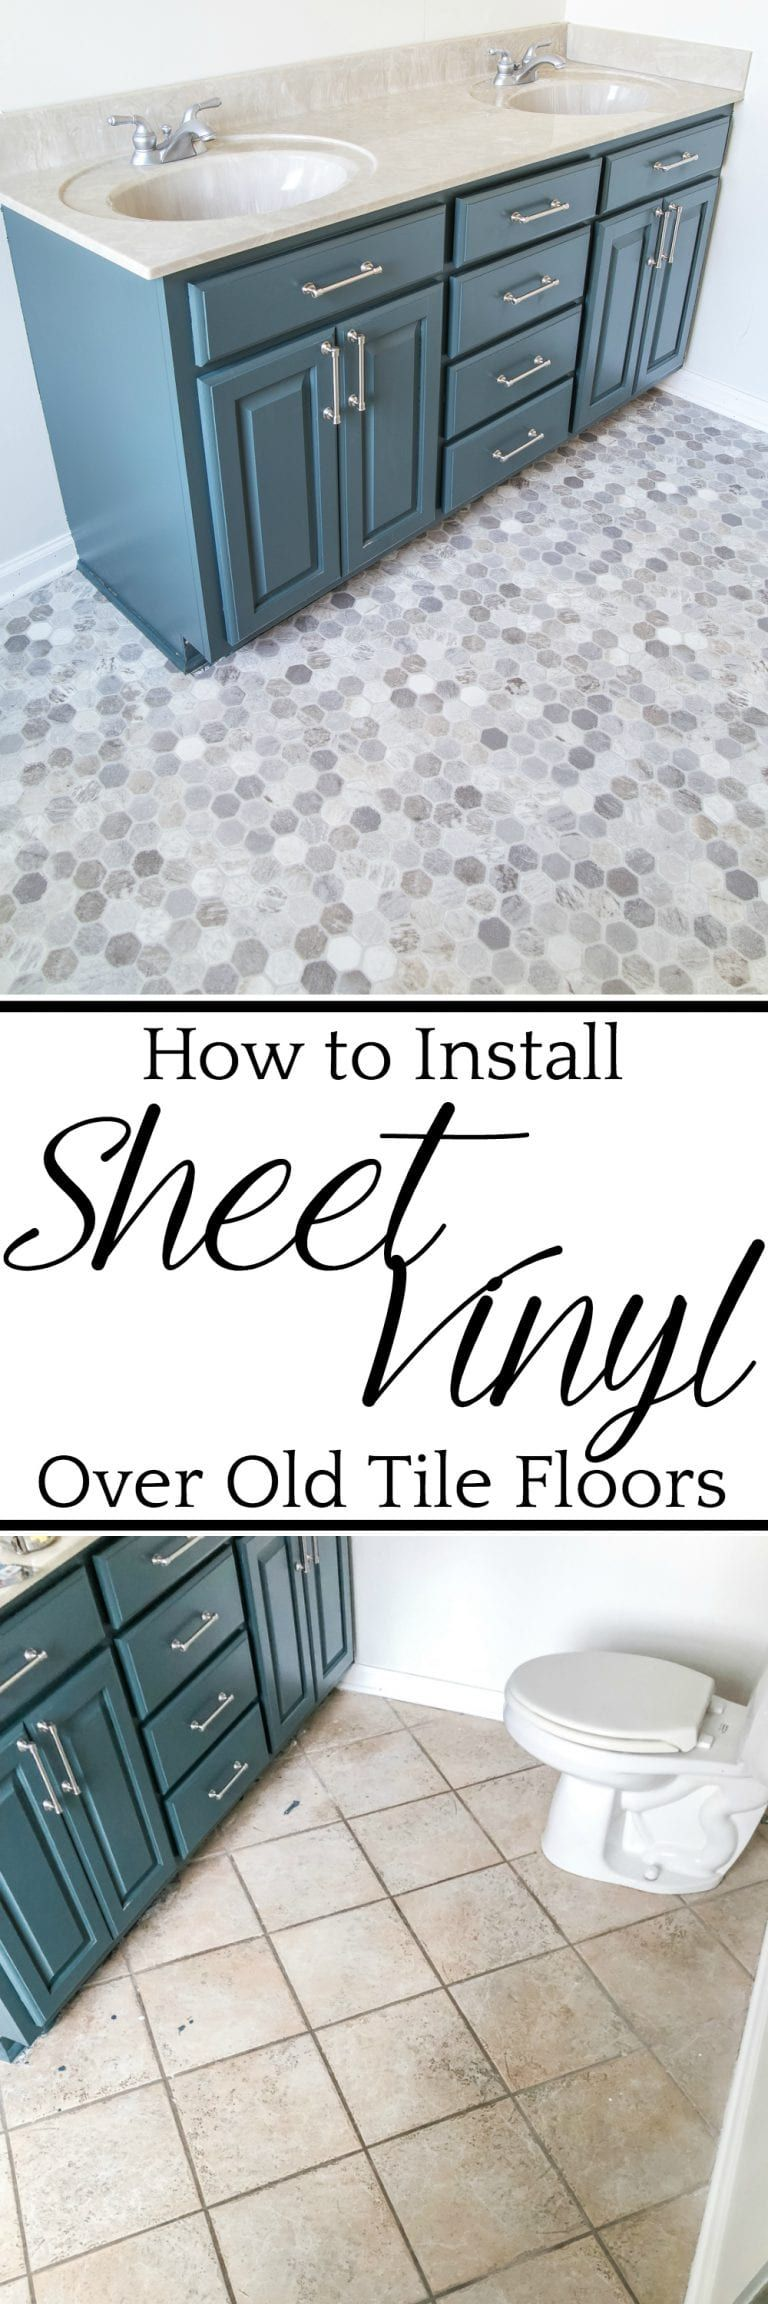 How to Install Sheet Vinyl Flooring Over Tile Flooring